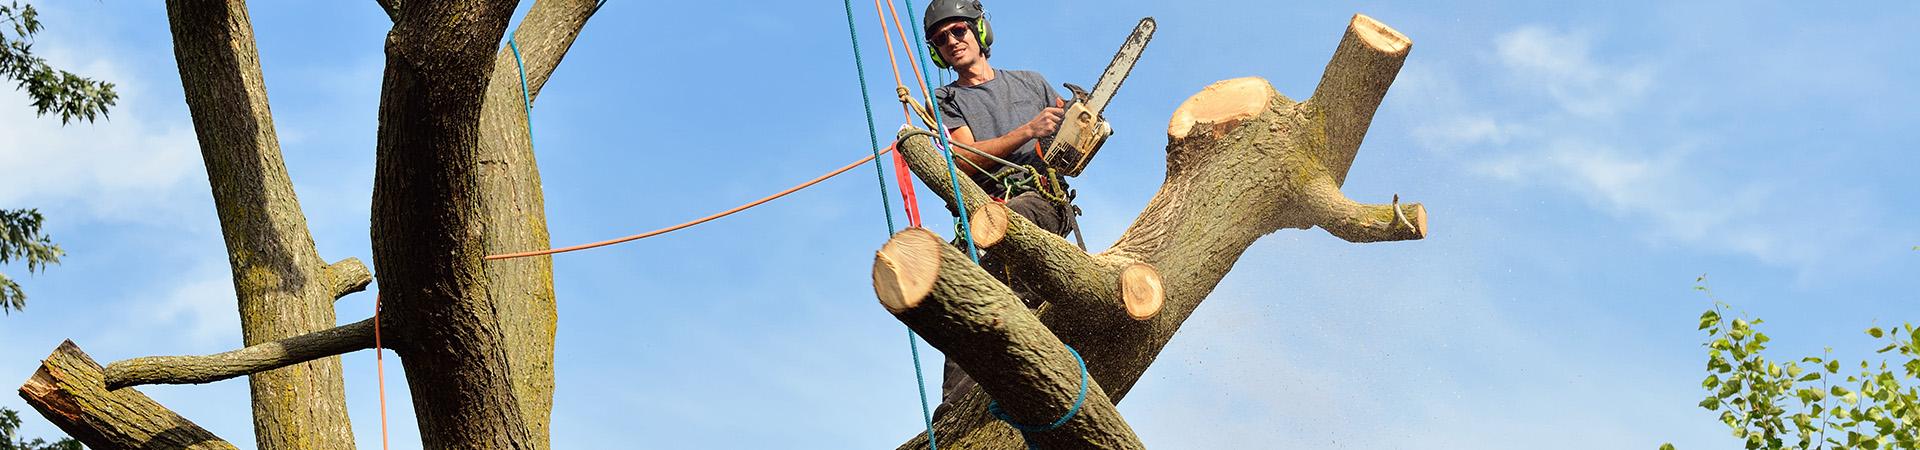 en arborist med säkerhetslinor och motorsåg i ett träd, fira ner grenar med linor